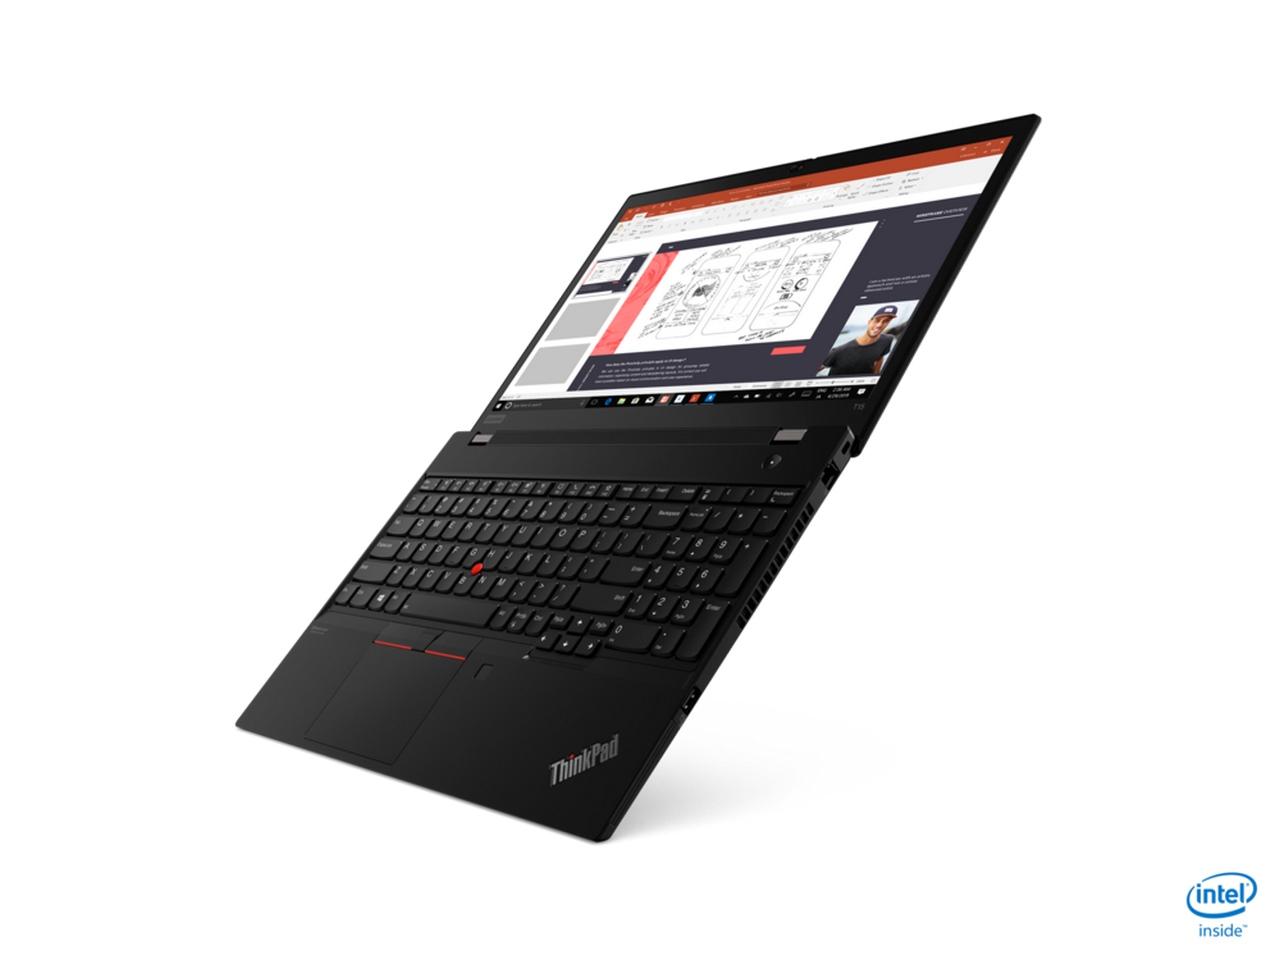 Lenovo ra mắt loạt laptop ThinkPad mới cho doanh nghiệp Việt, khởi điểm từ 15 triệu đồng